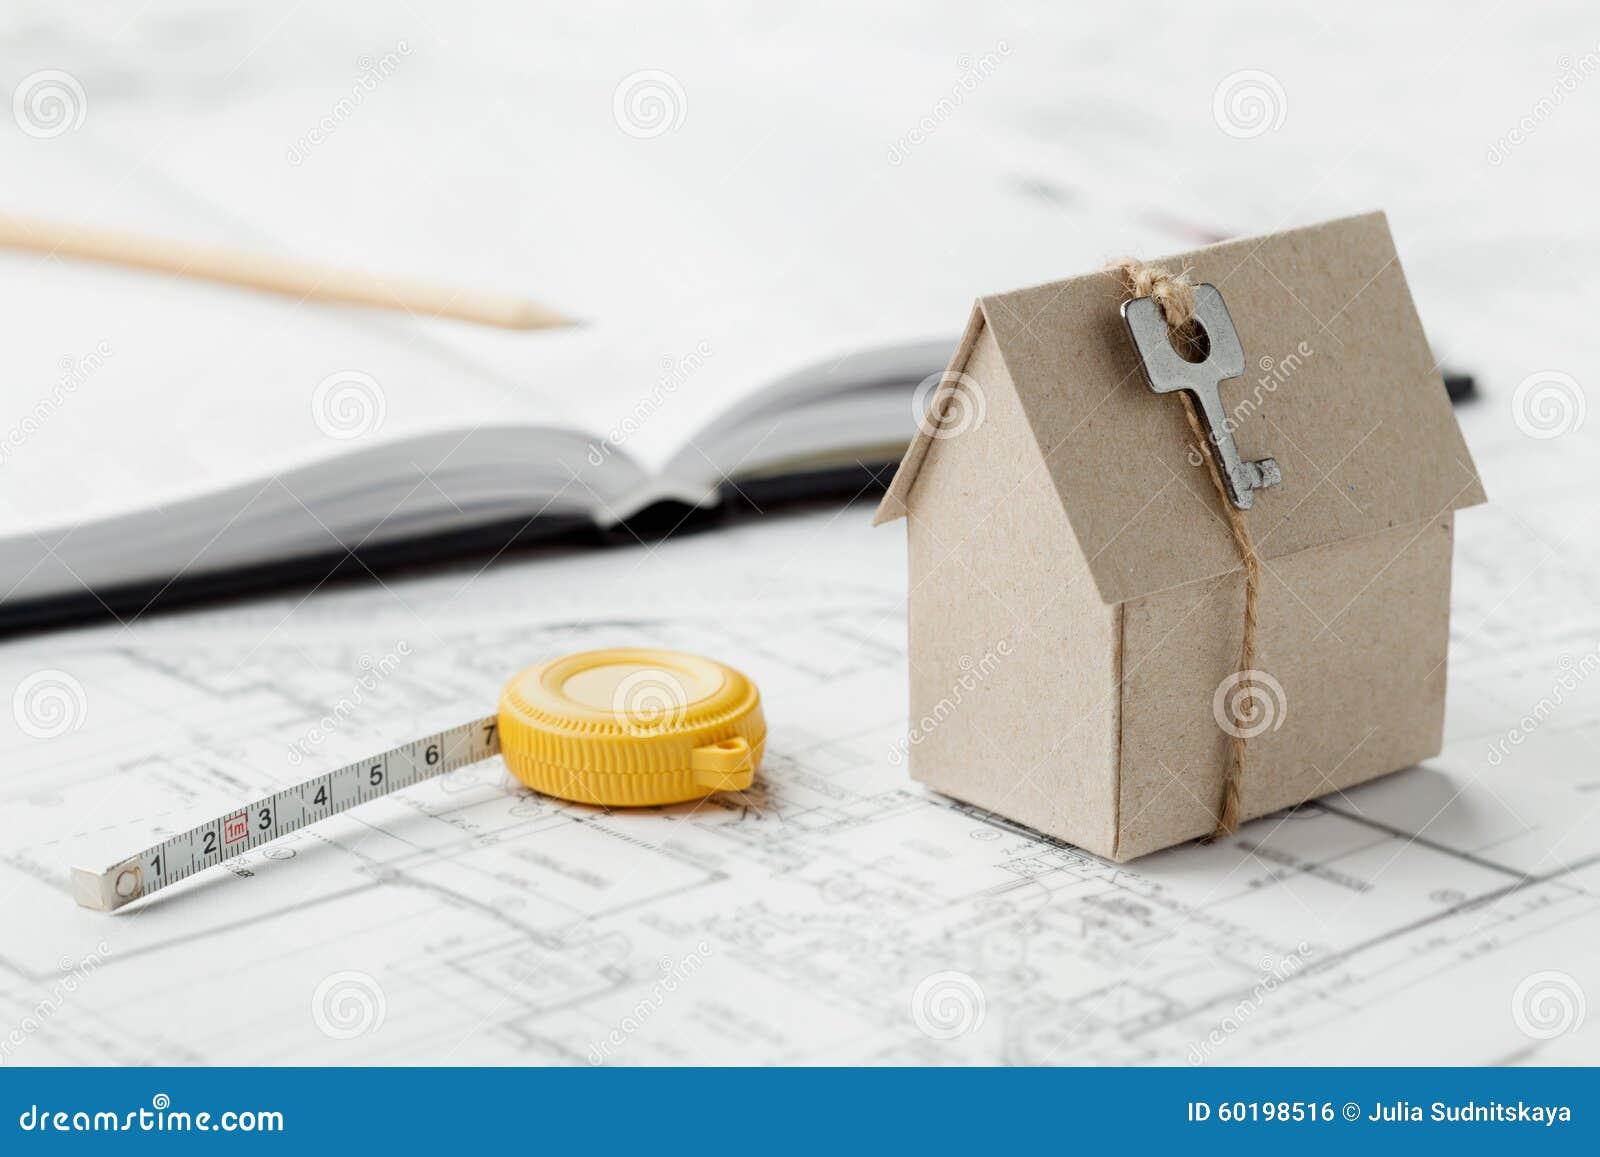 Maison modèle de carton avec la clé et le ruban métrique sur le modèle Concept de construction individuelle, architectural et de